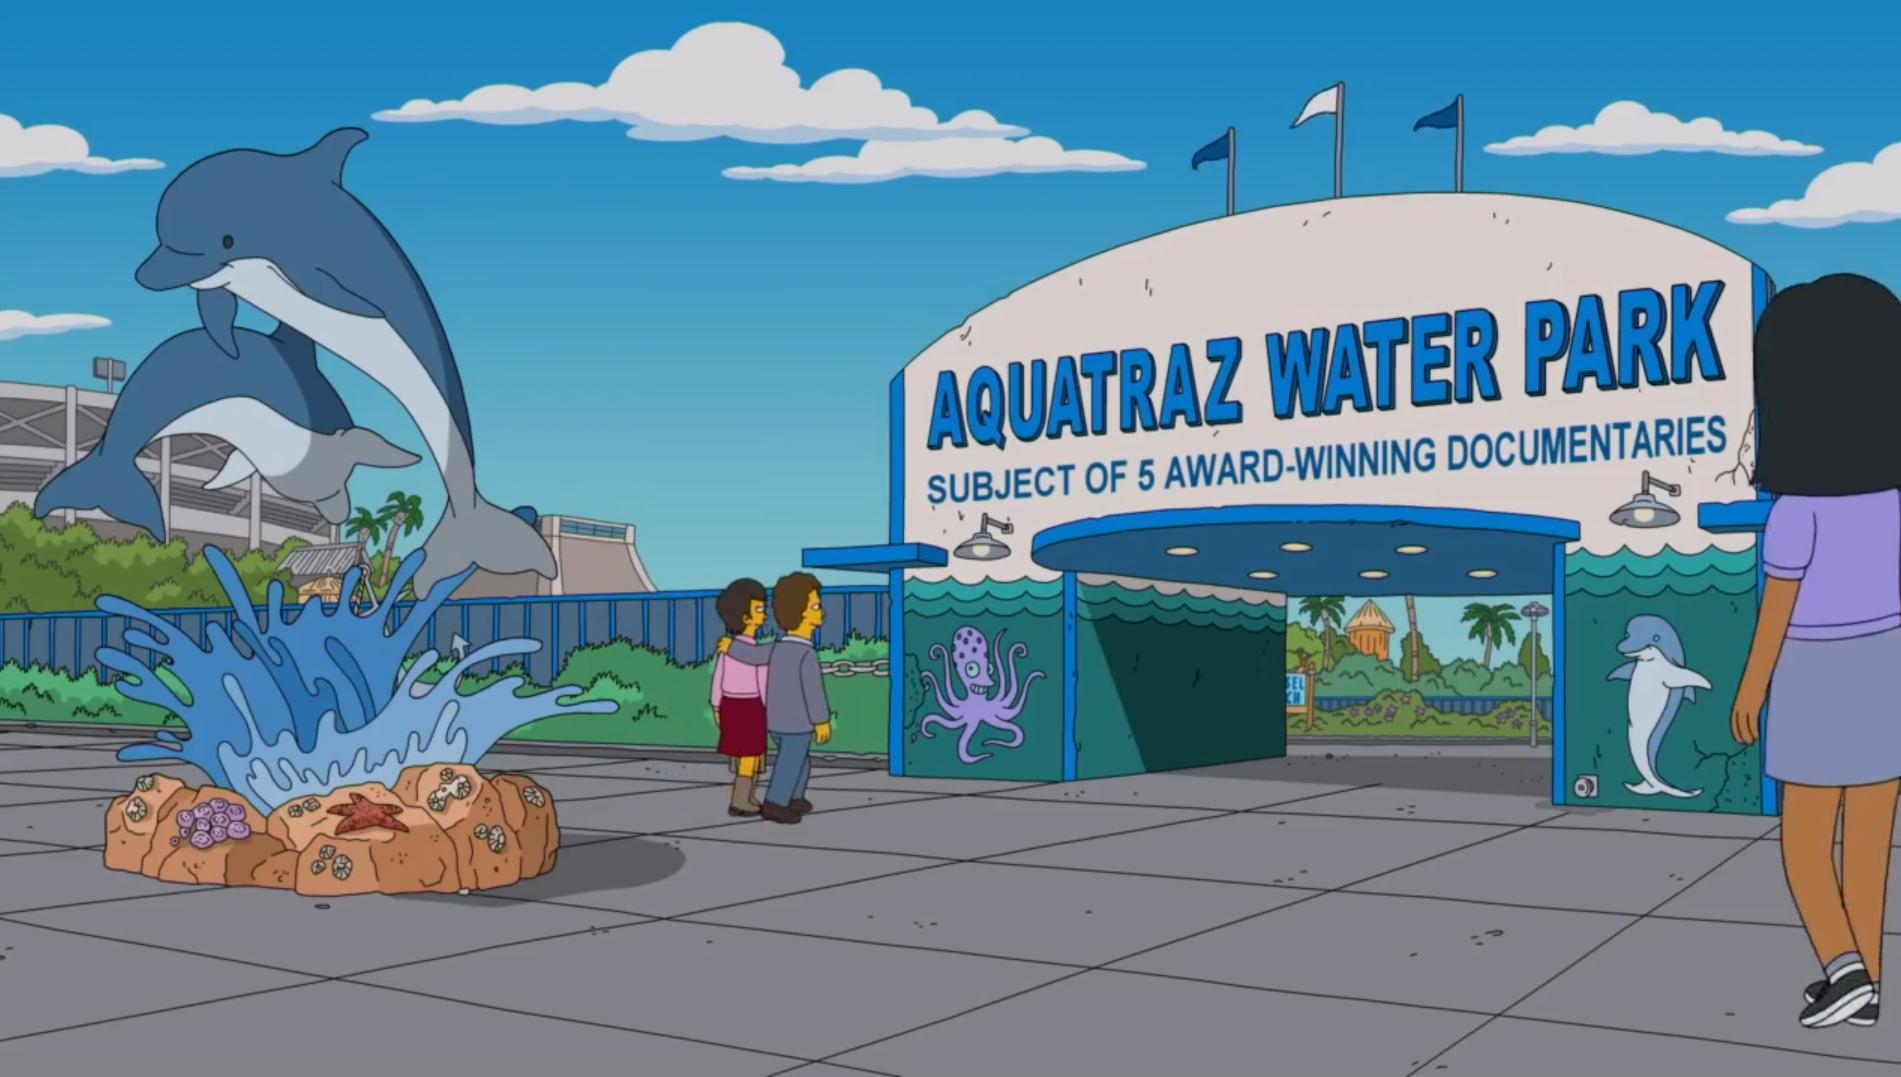 Parque Aquático Aquatraz